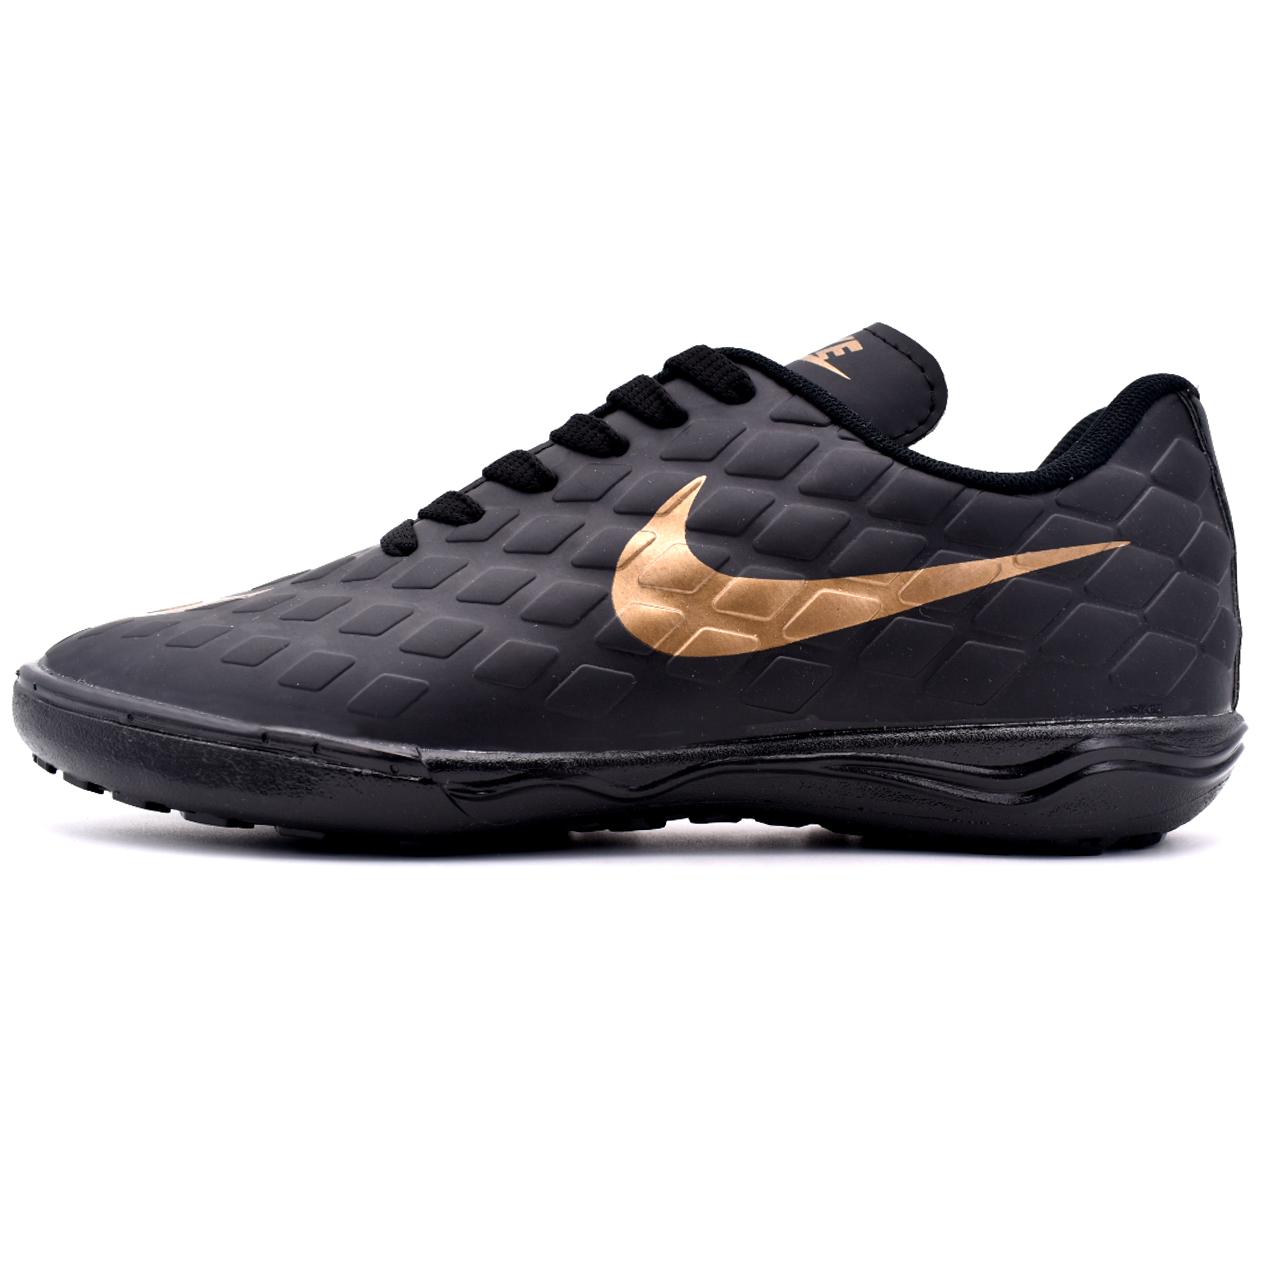 کفش فوتسال مردانه کد C-5703 غیر اصل